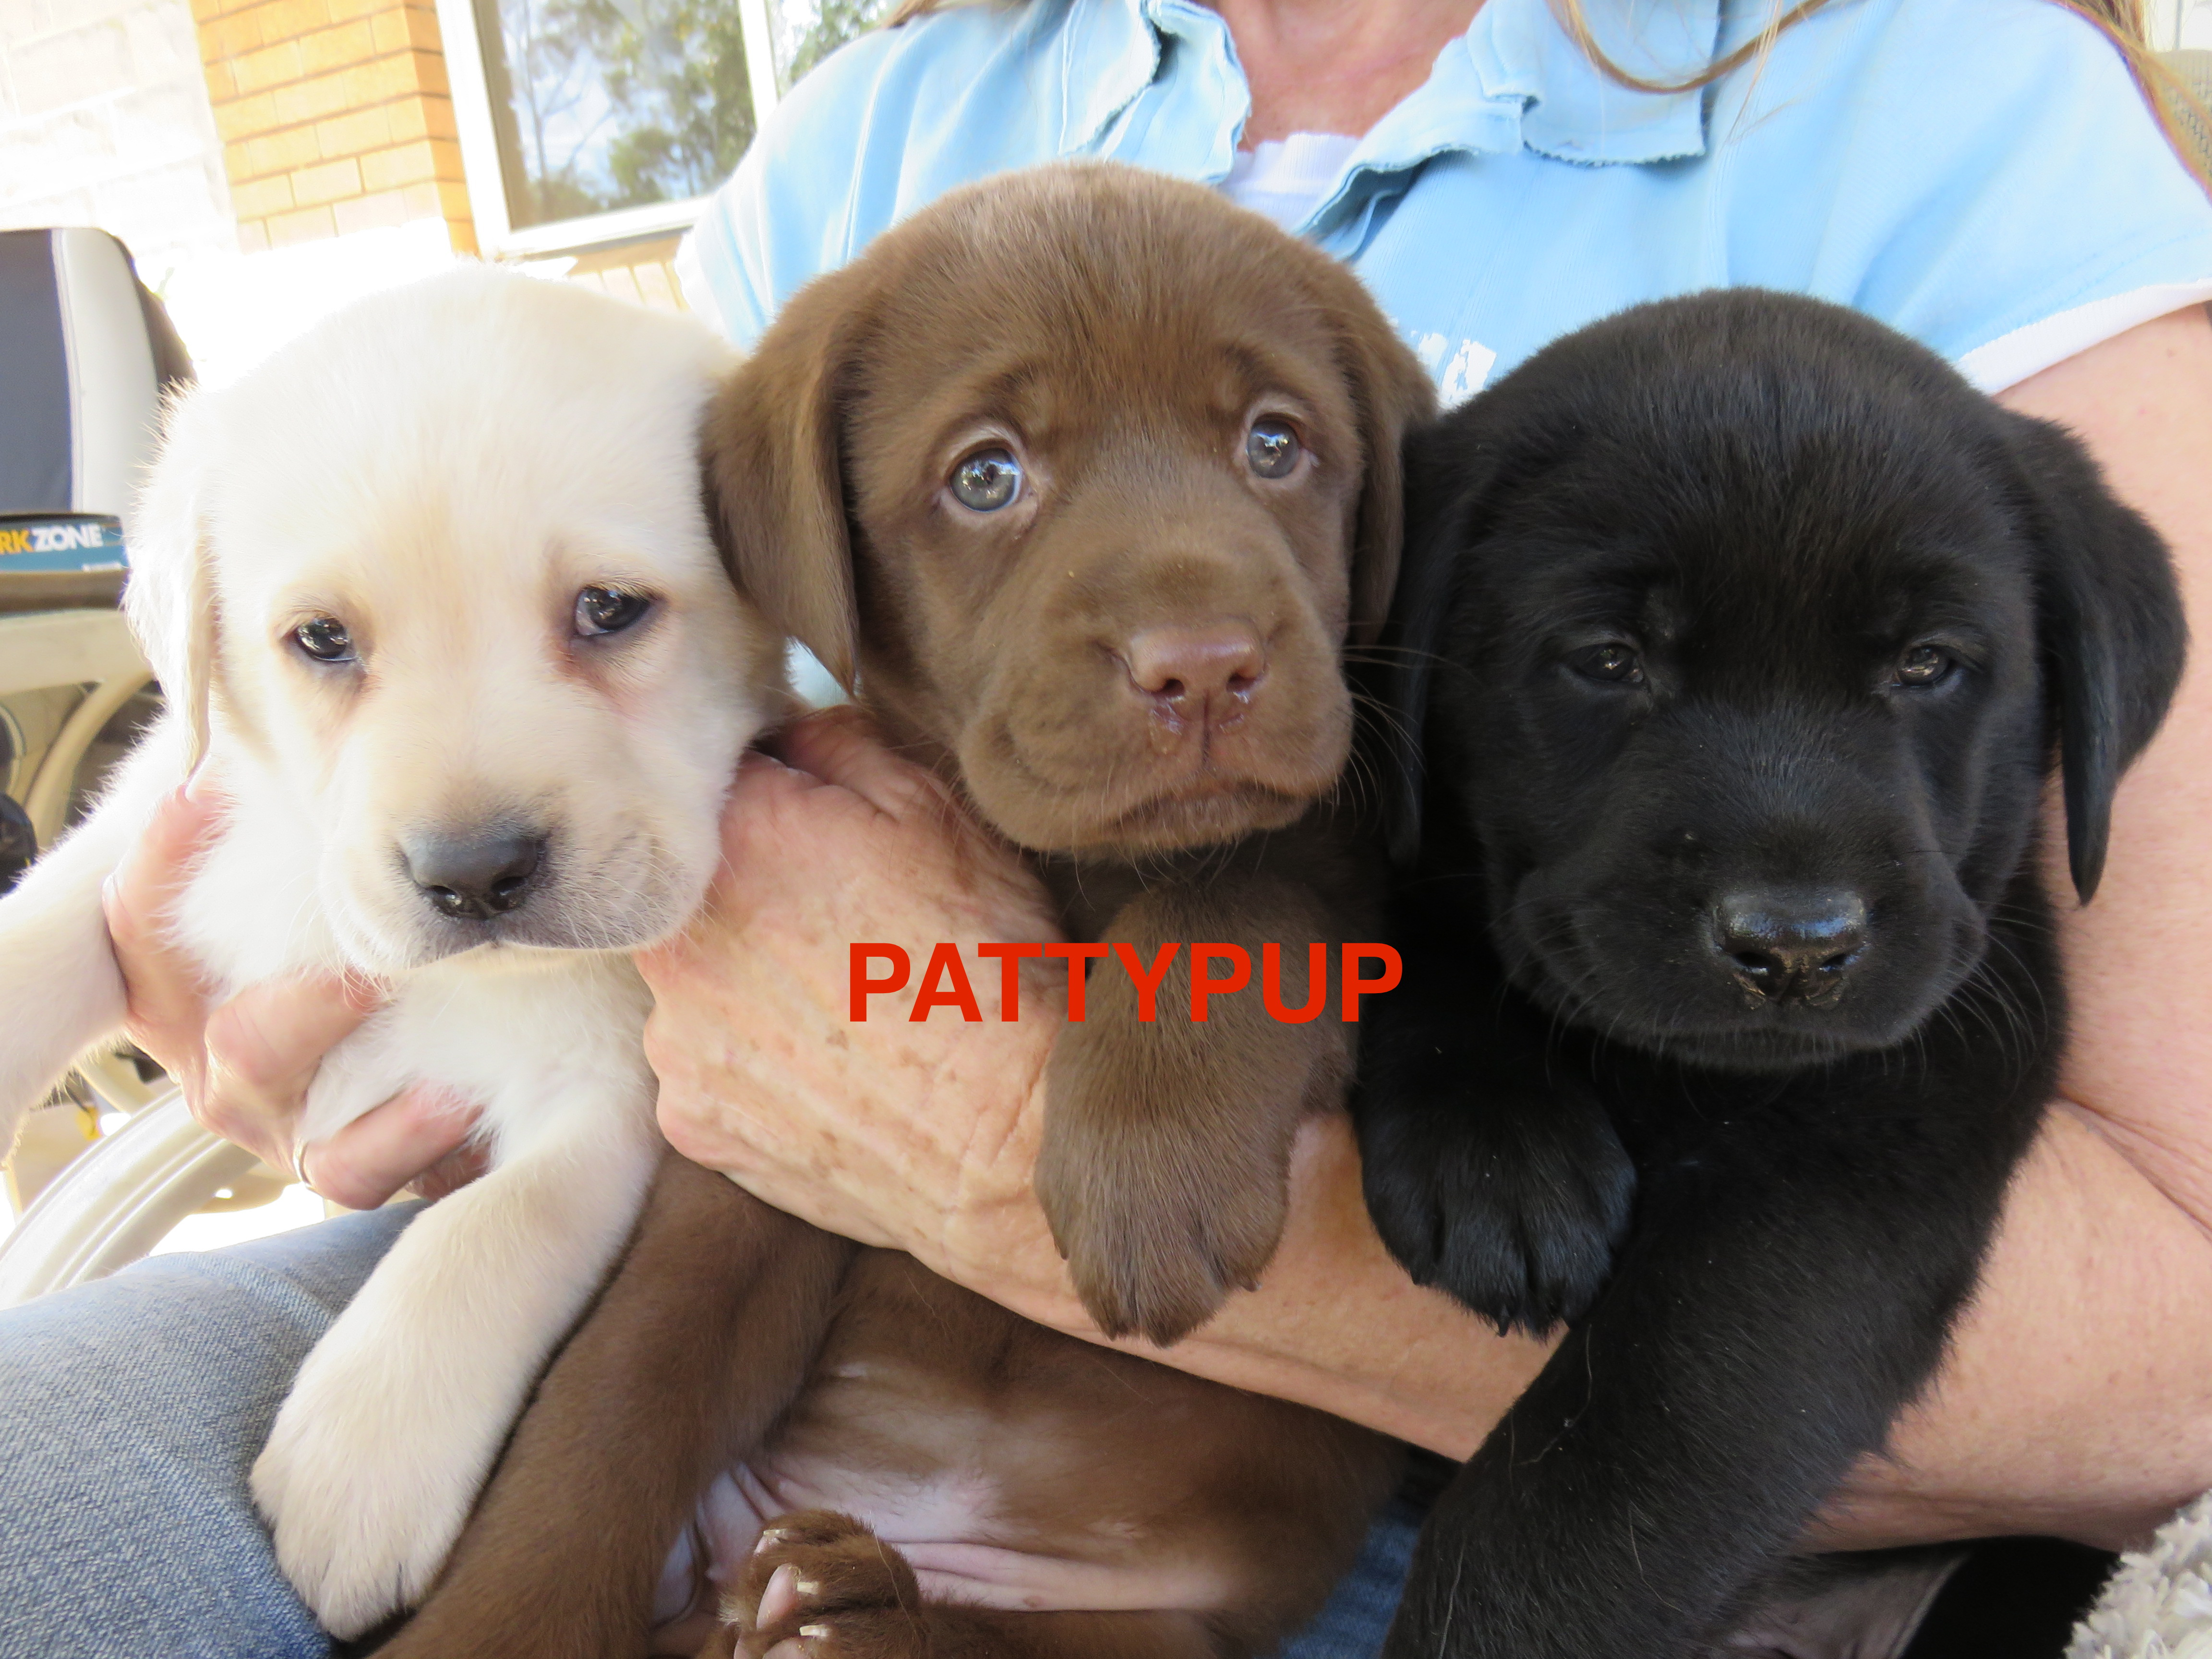 Pattypup